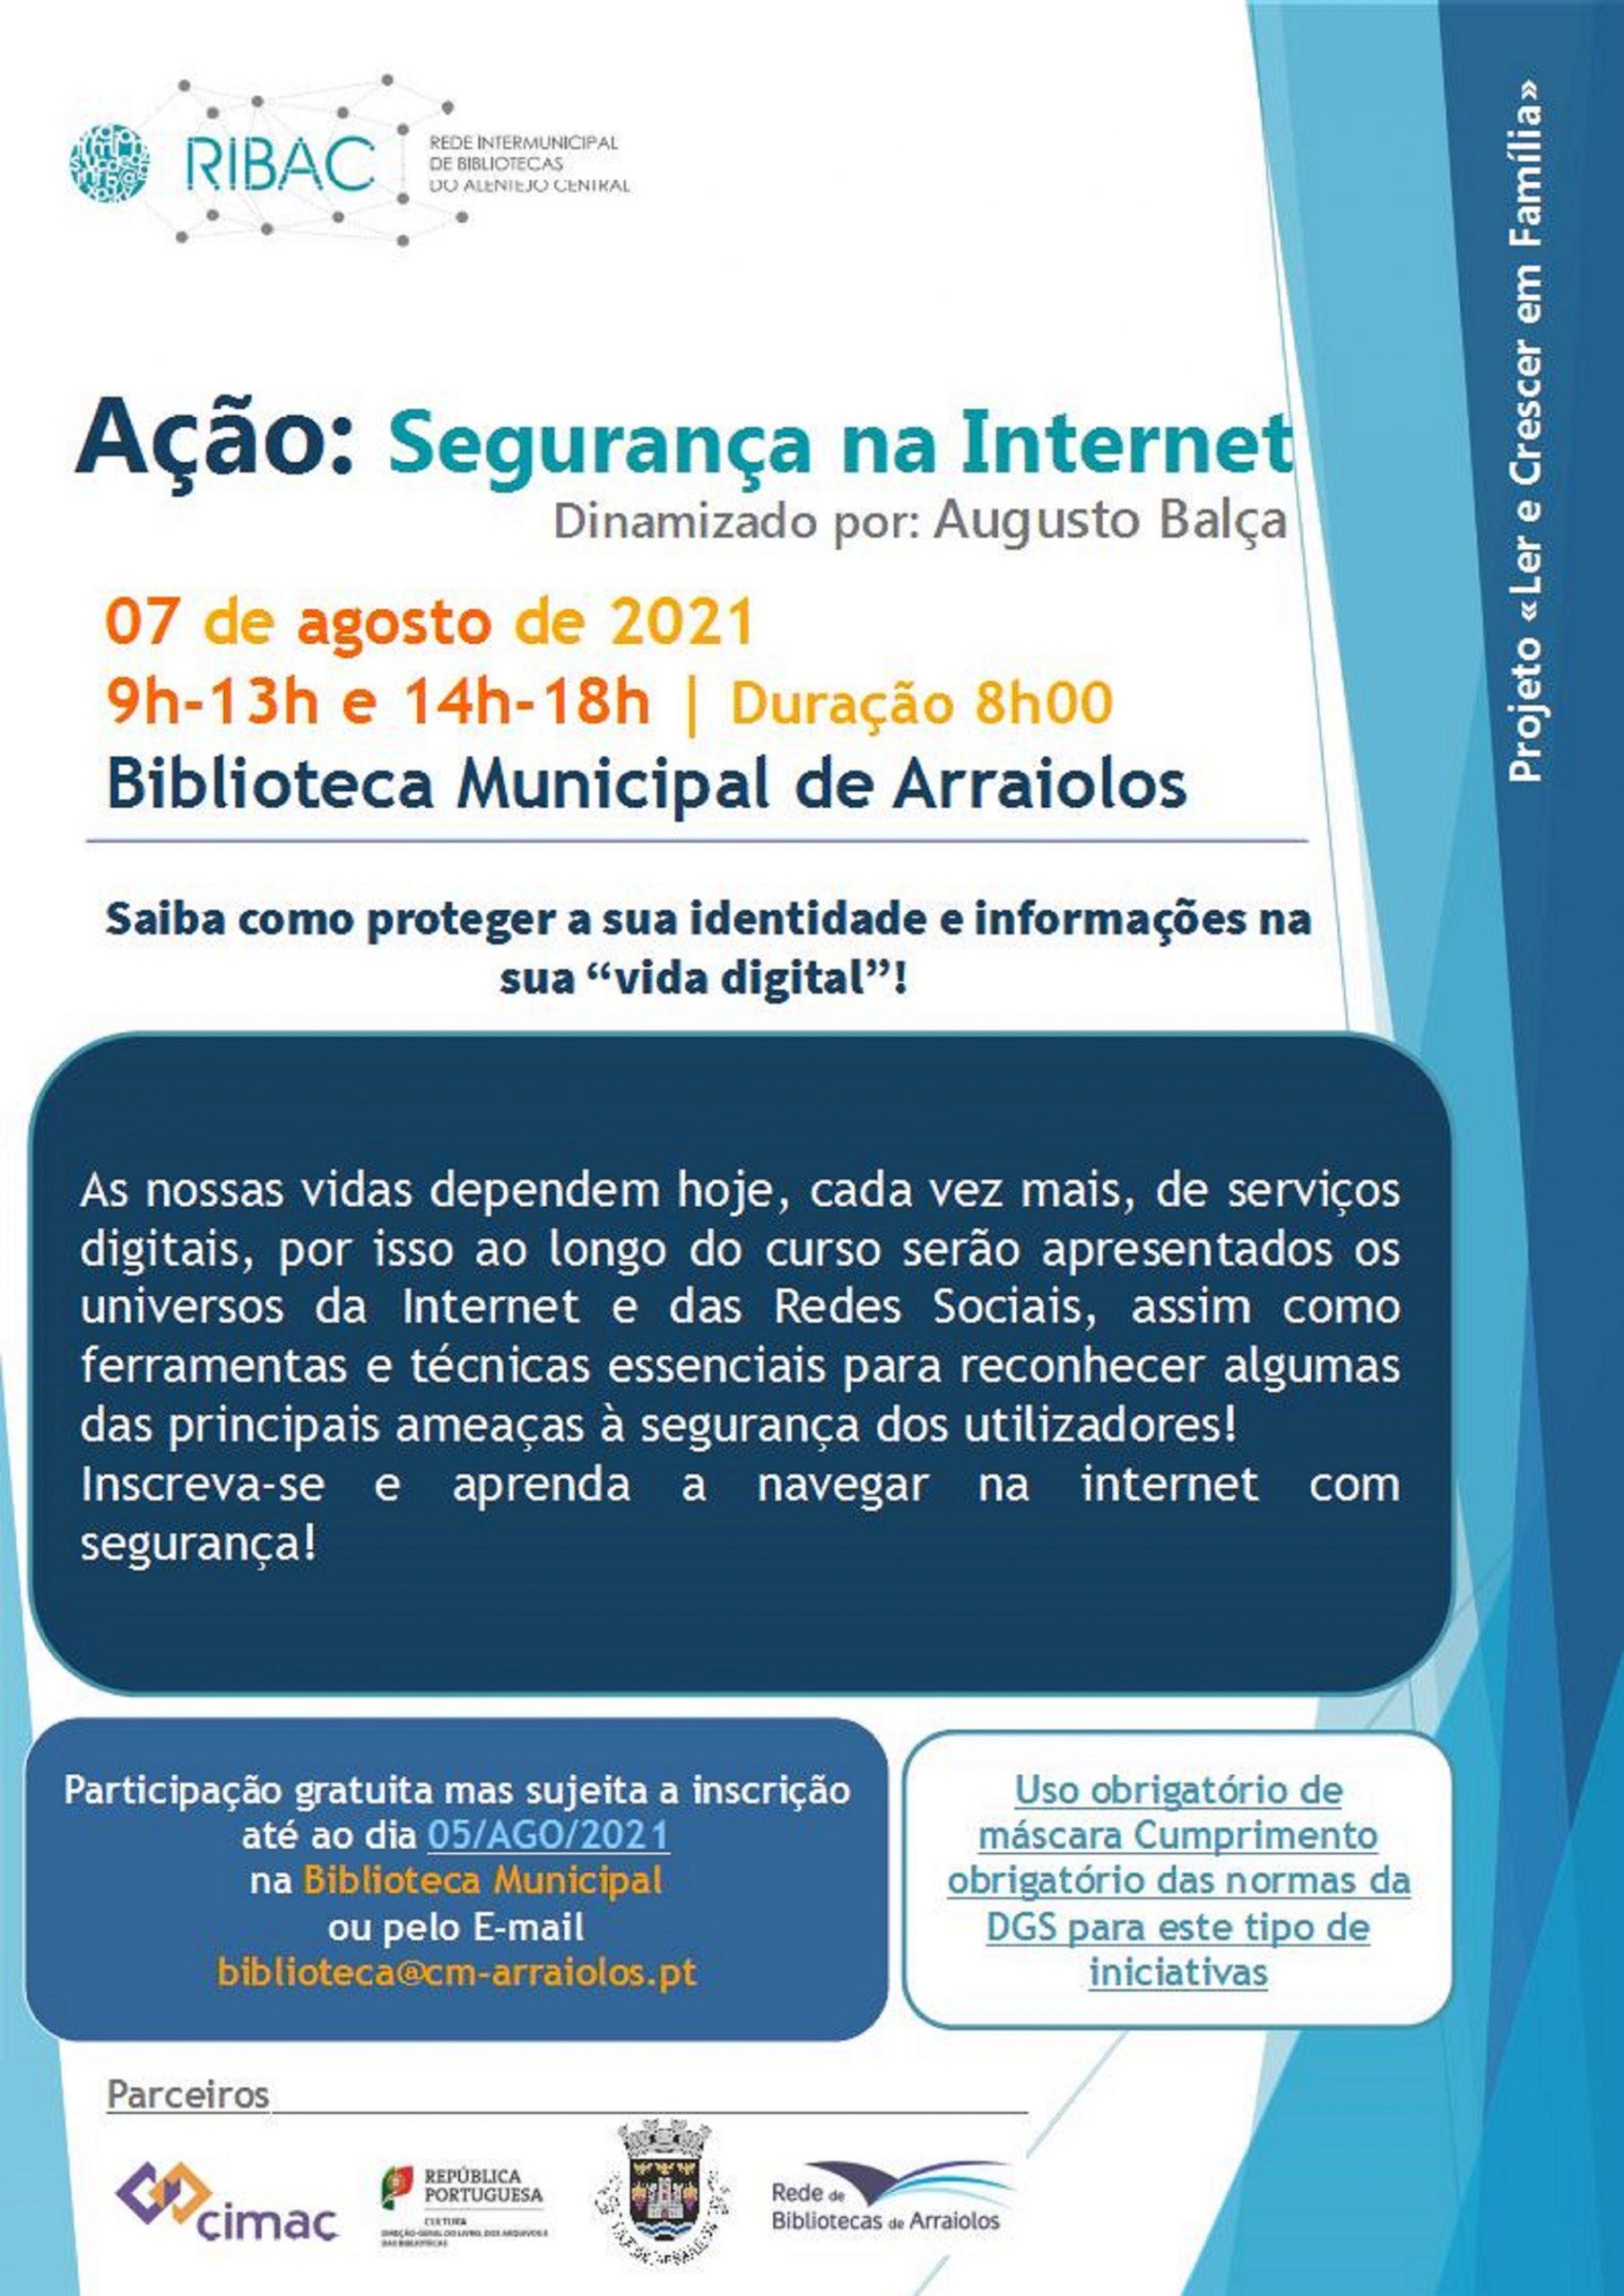 AoSegurananaInternet_1627660240